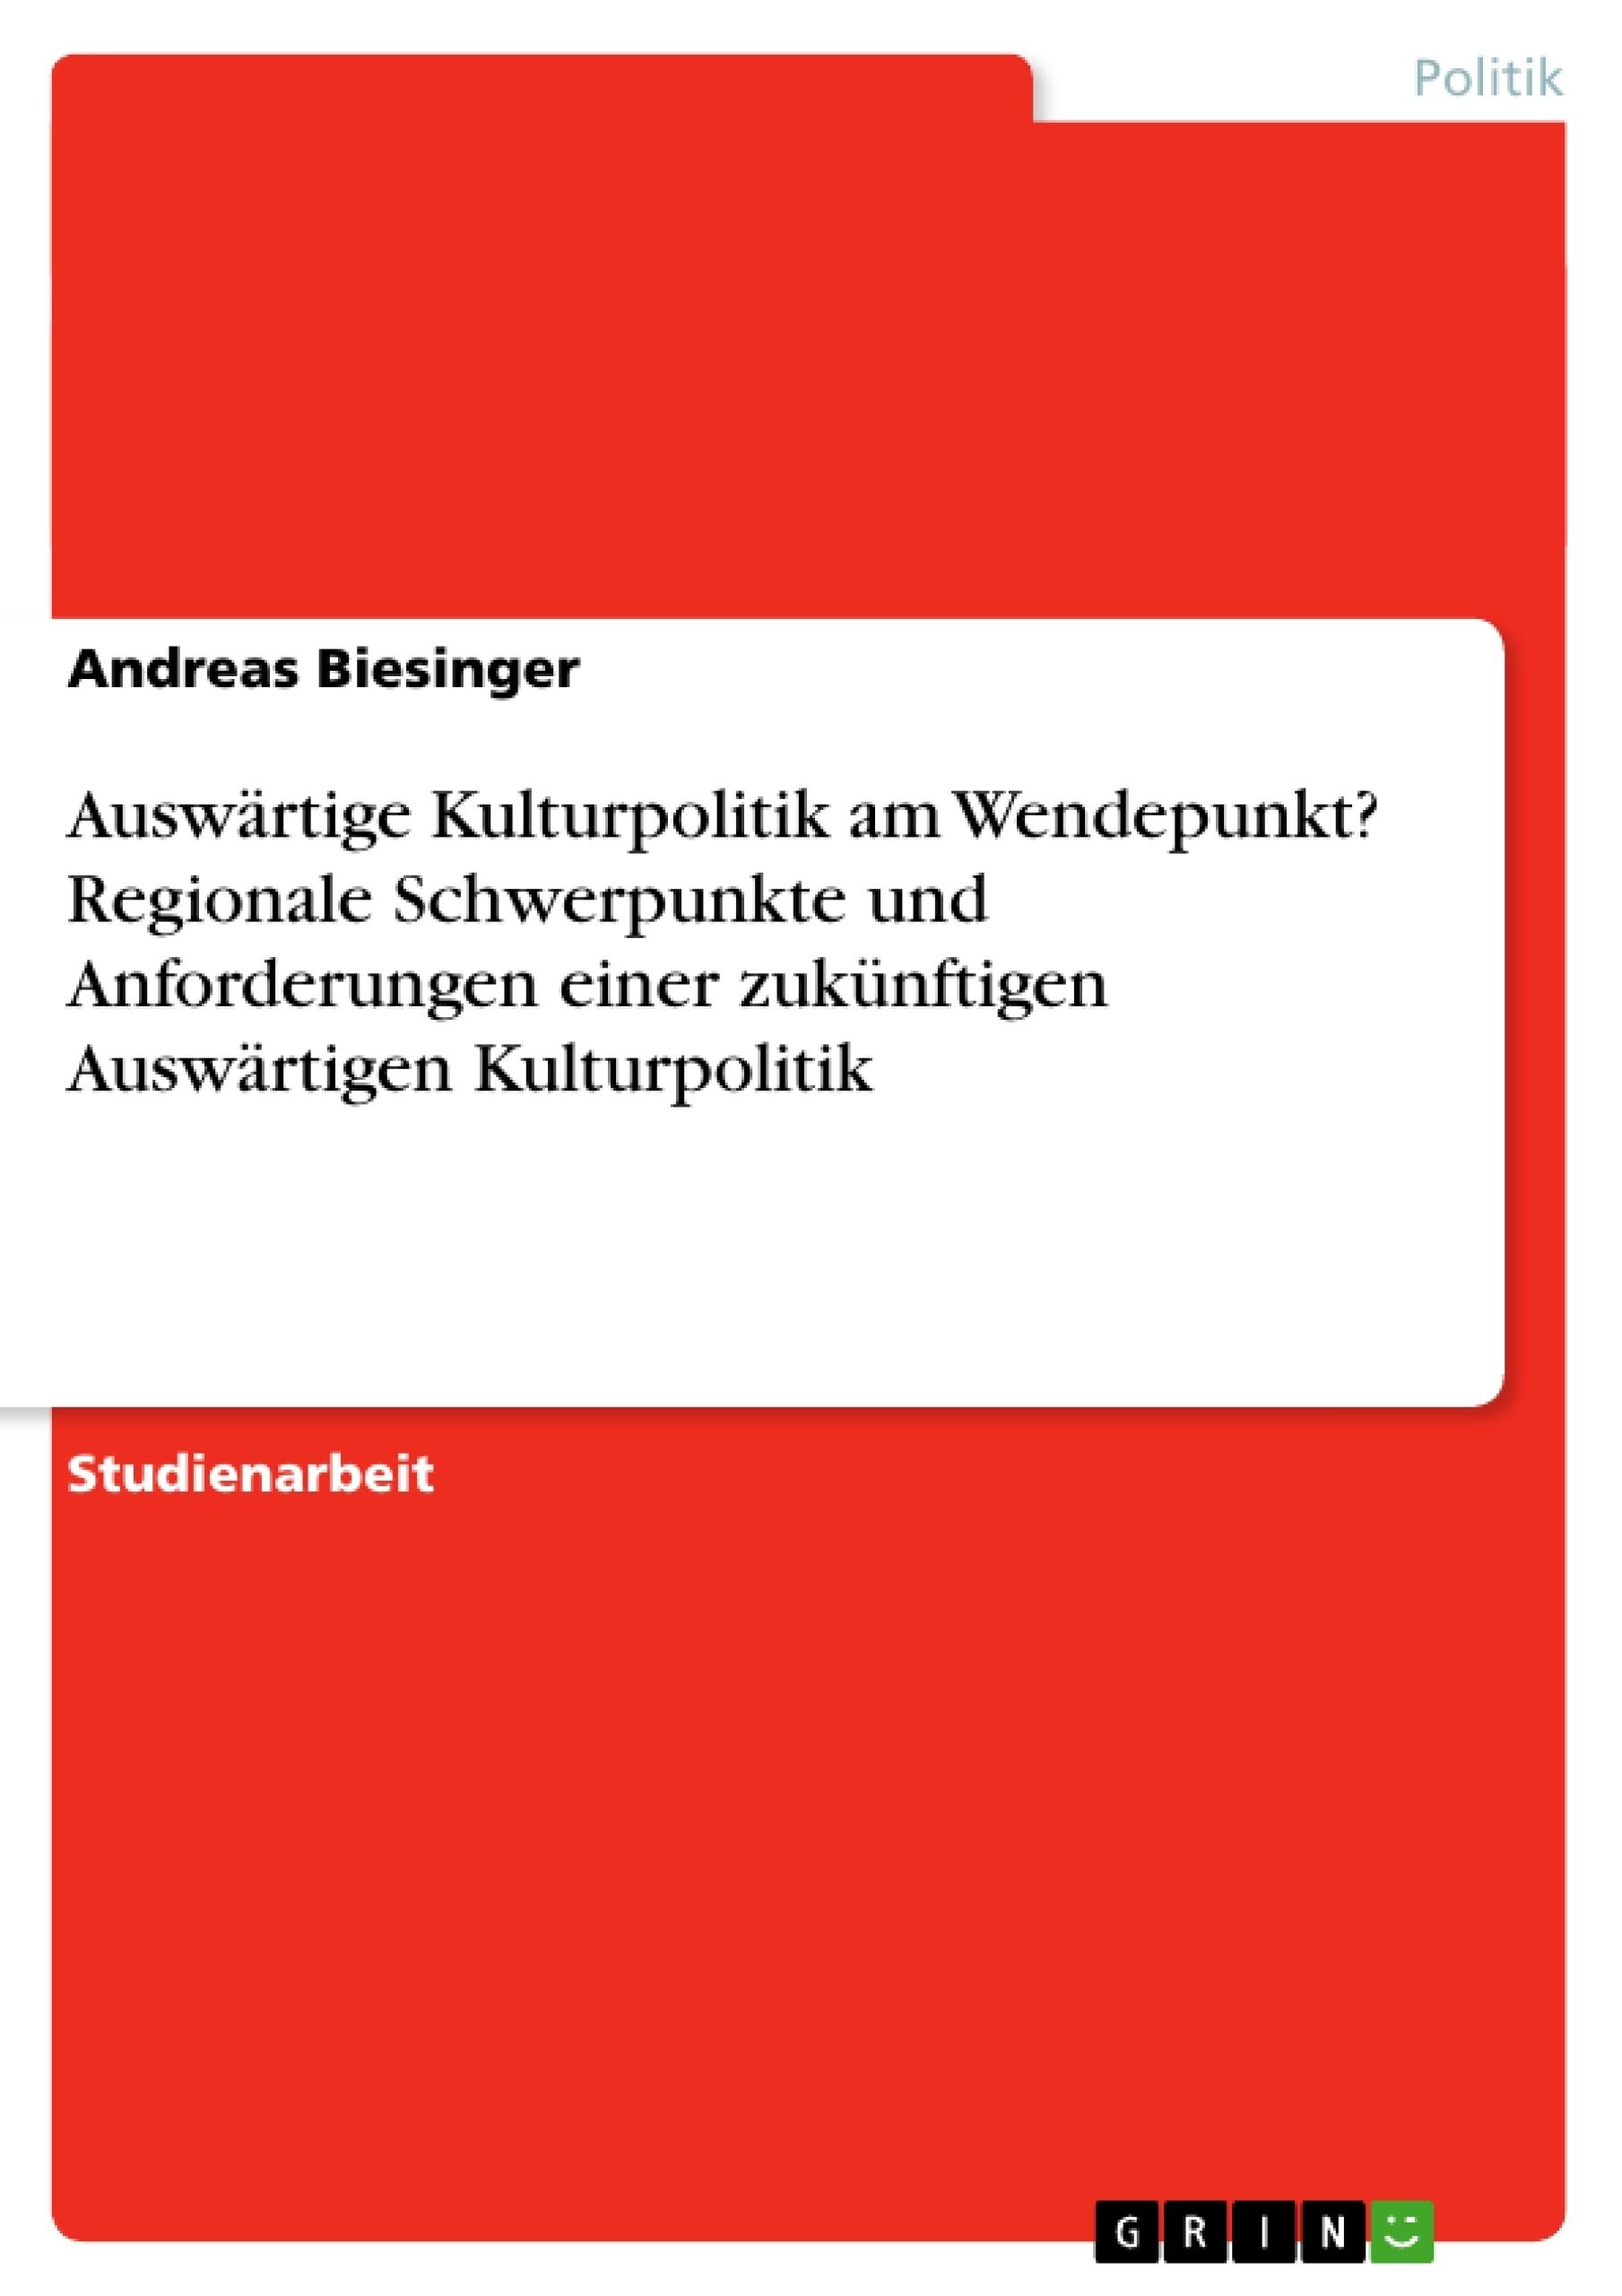 Titel: Auswärtige Kulturpolitik am Wendepunkt? Regionale Schwerpunkte und Anforderungen einer zukünftigen Auswärtigen Kulturpolitik